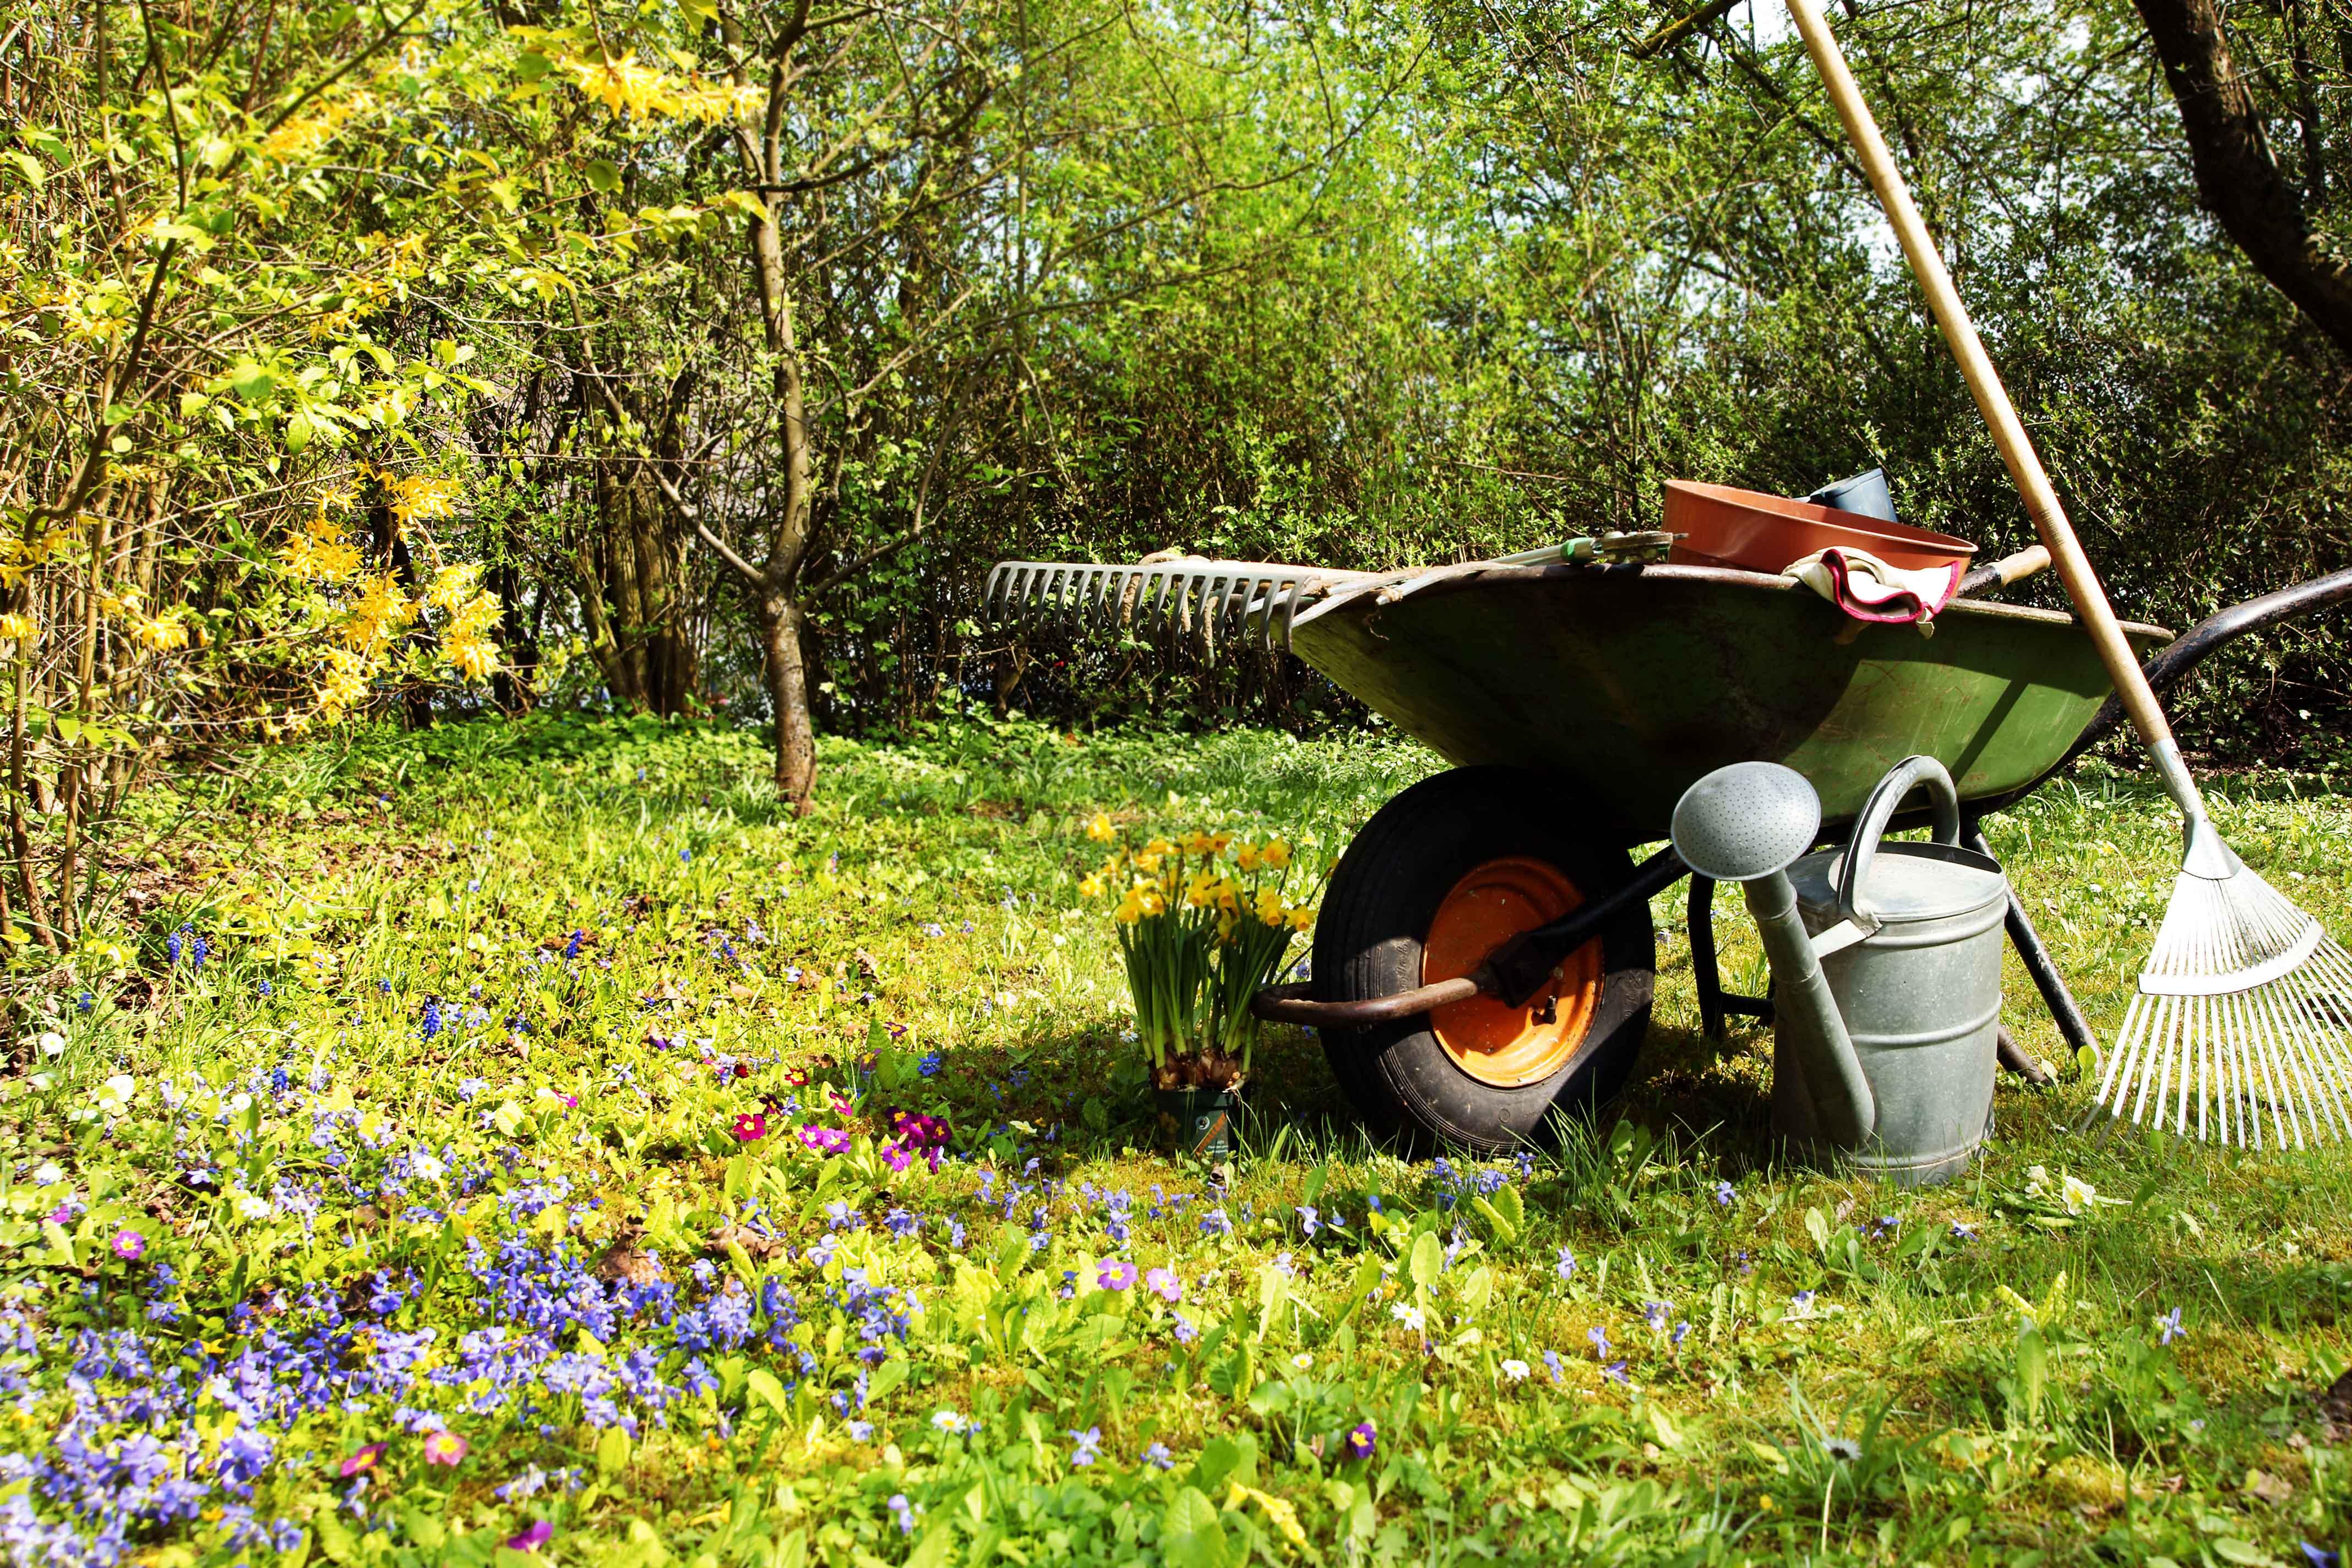 6 herramientas básicas para un buen jardinero – Quercus Jardiners